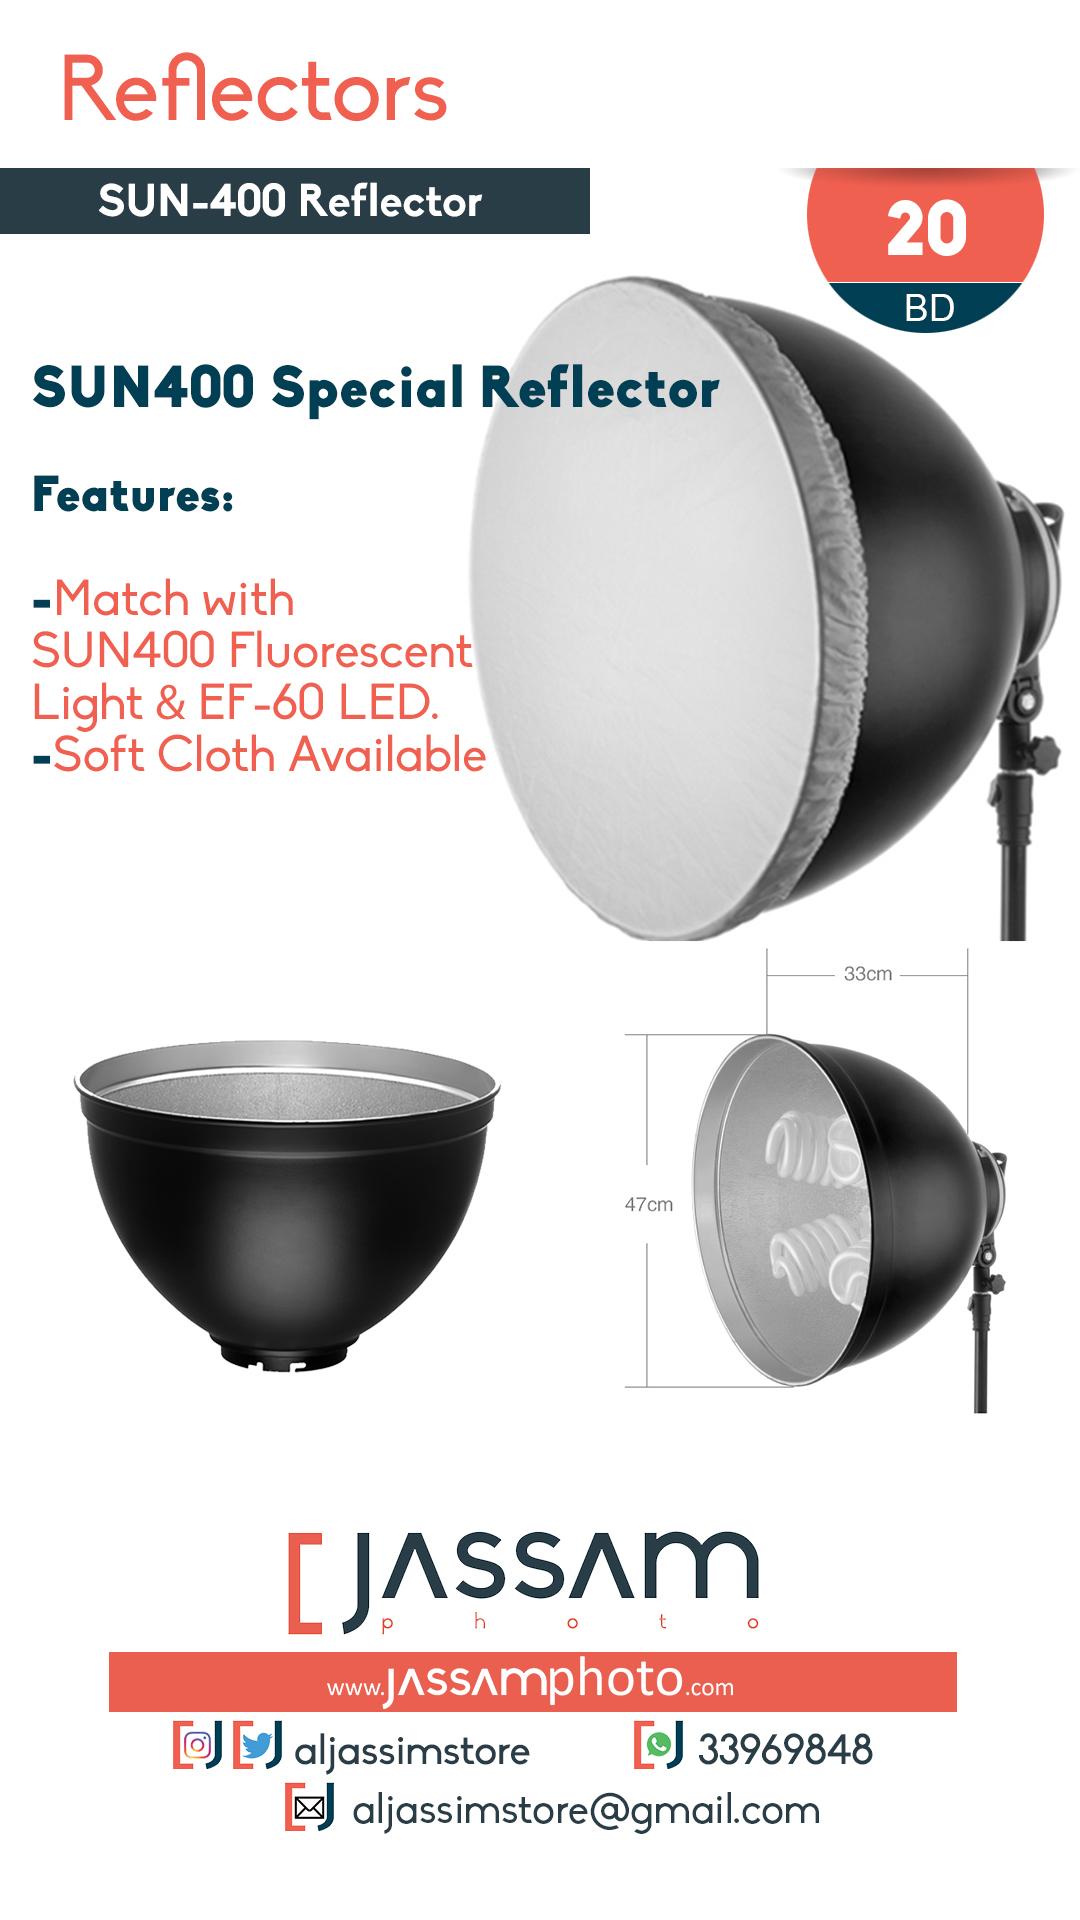 SUN-400 Reflector